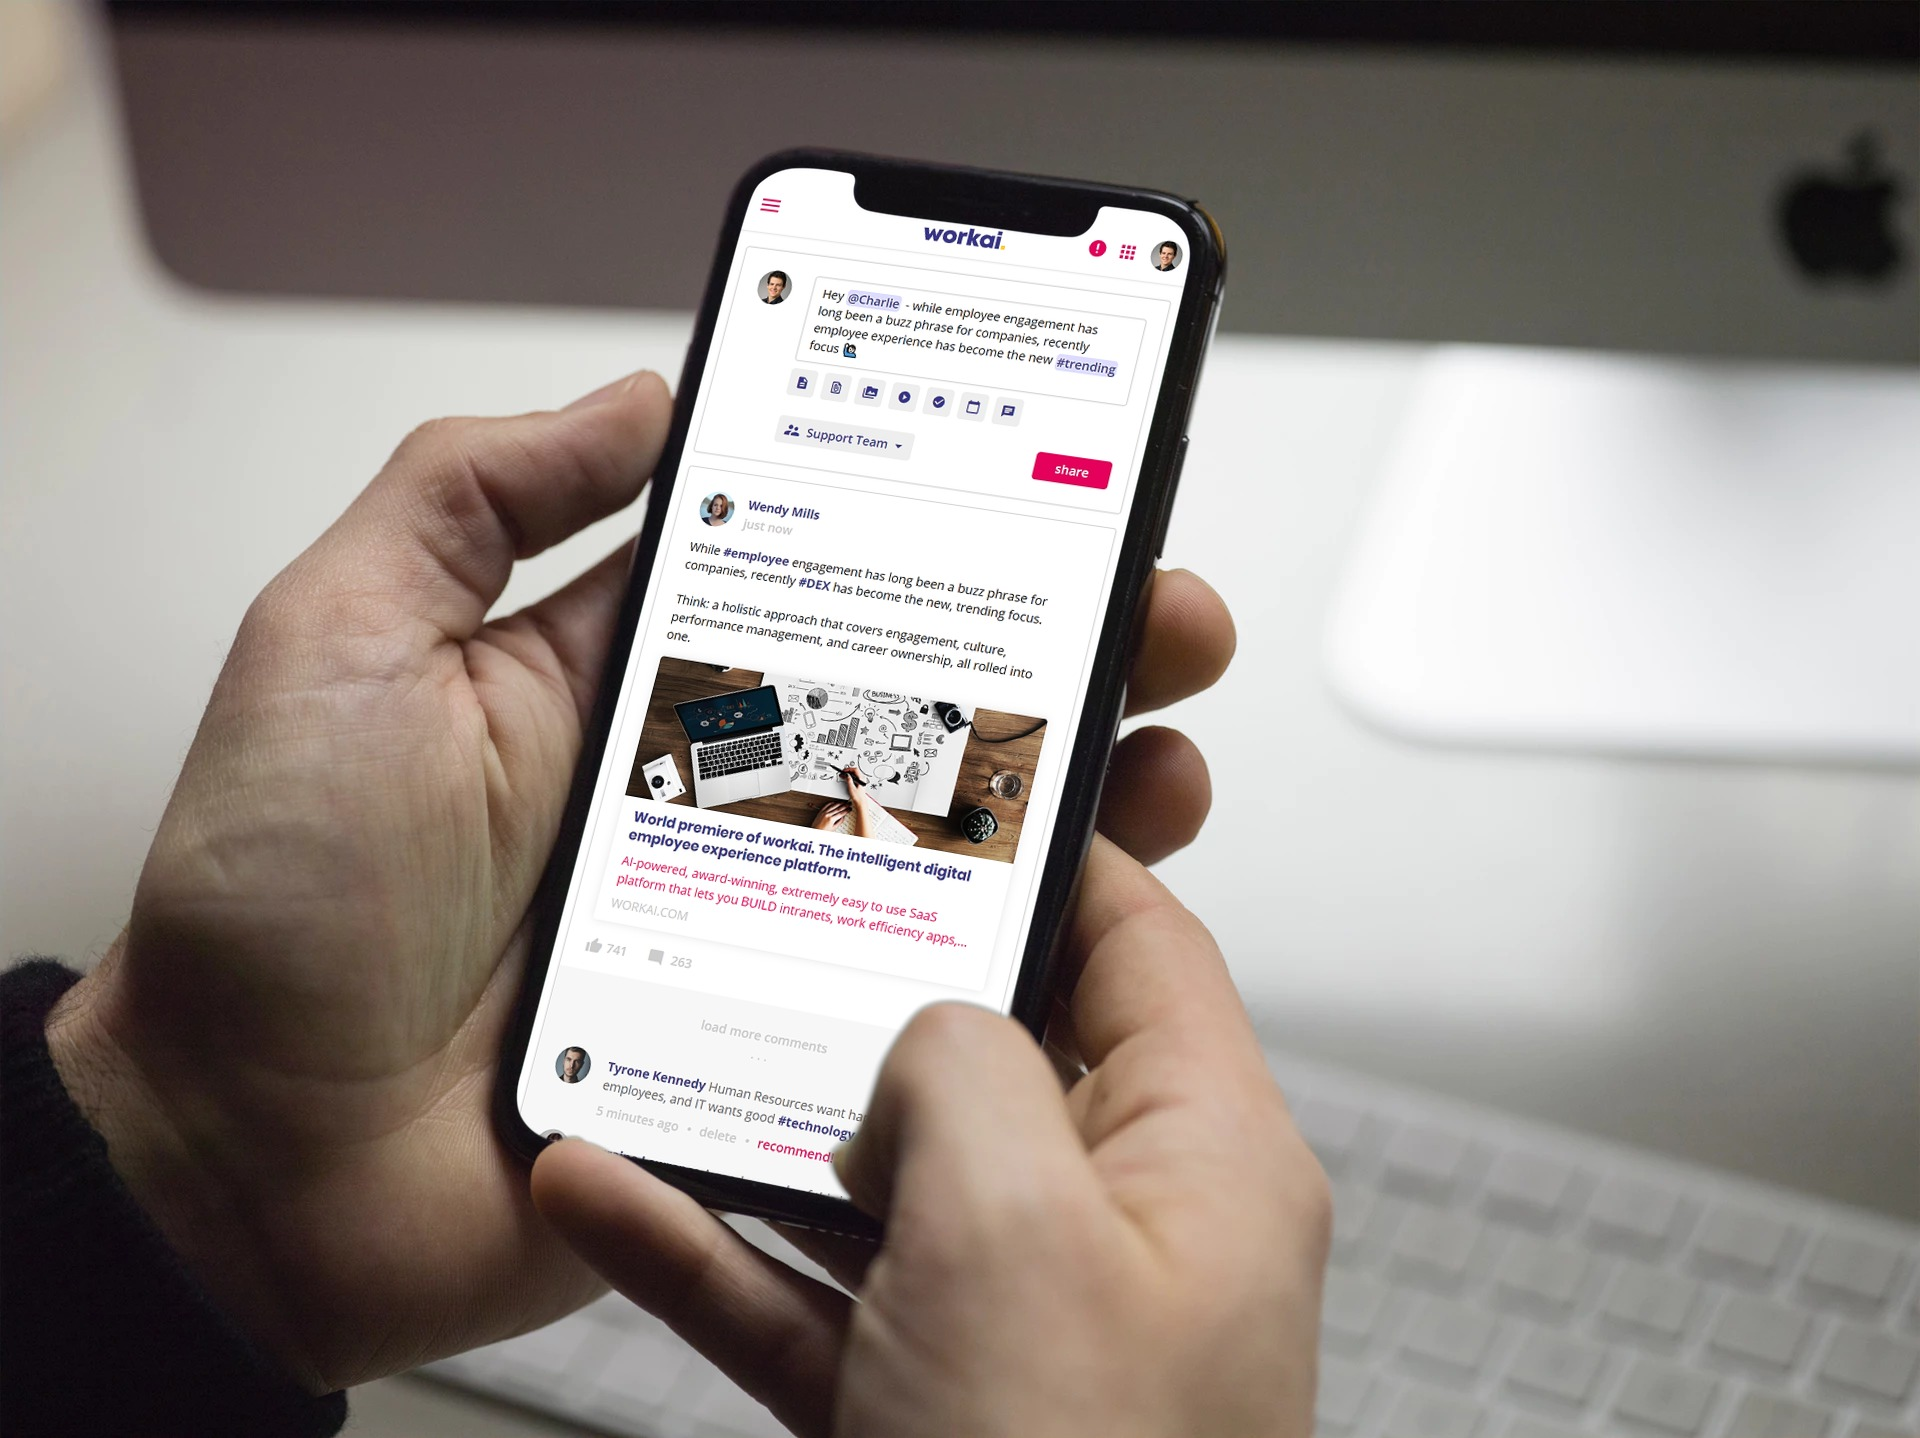 Platforma pomaga usprawniać i monitorować zaangażowanie pracowników w wewnętrznej sieci społecznościowej . (Fot. mat. pras.)